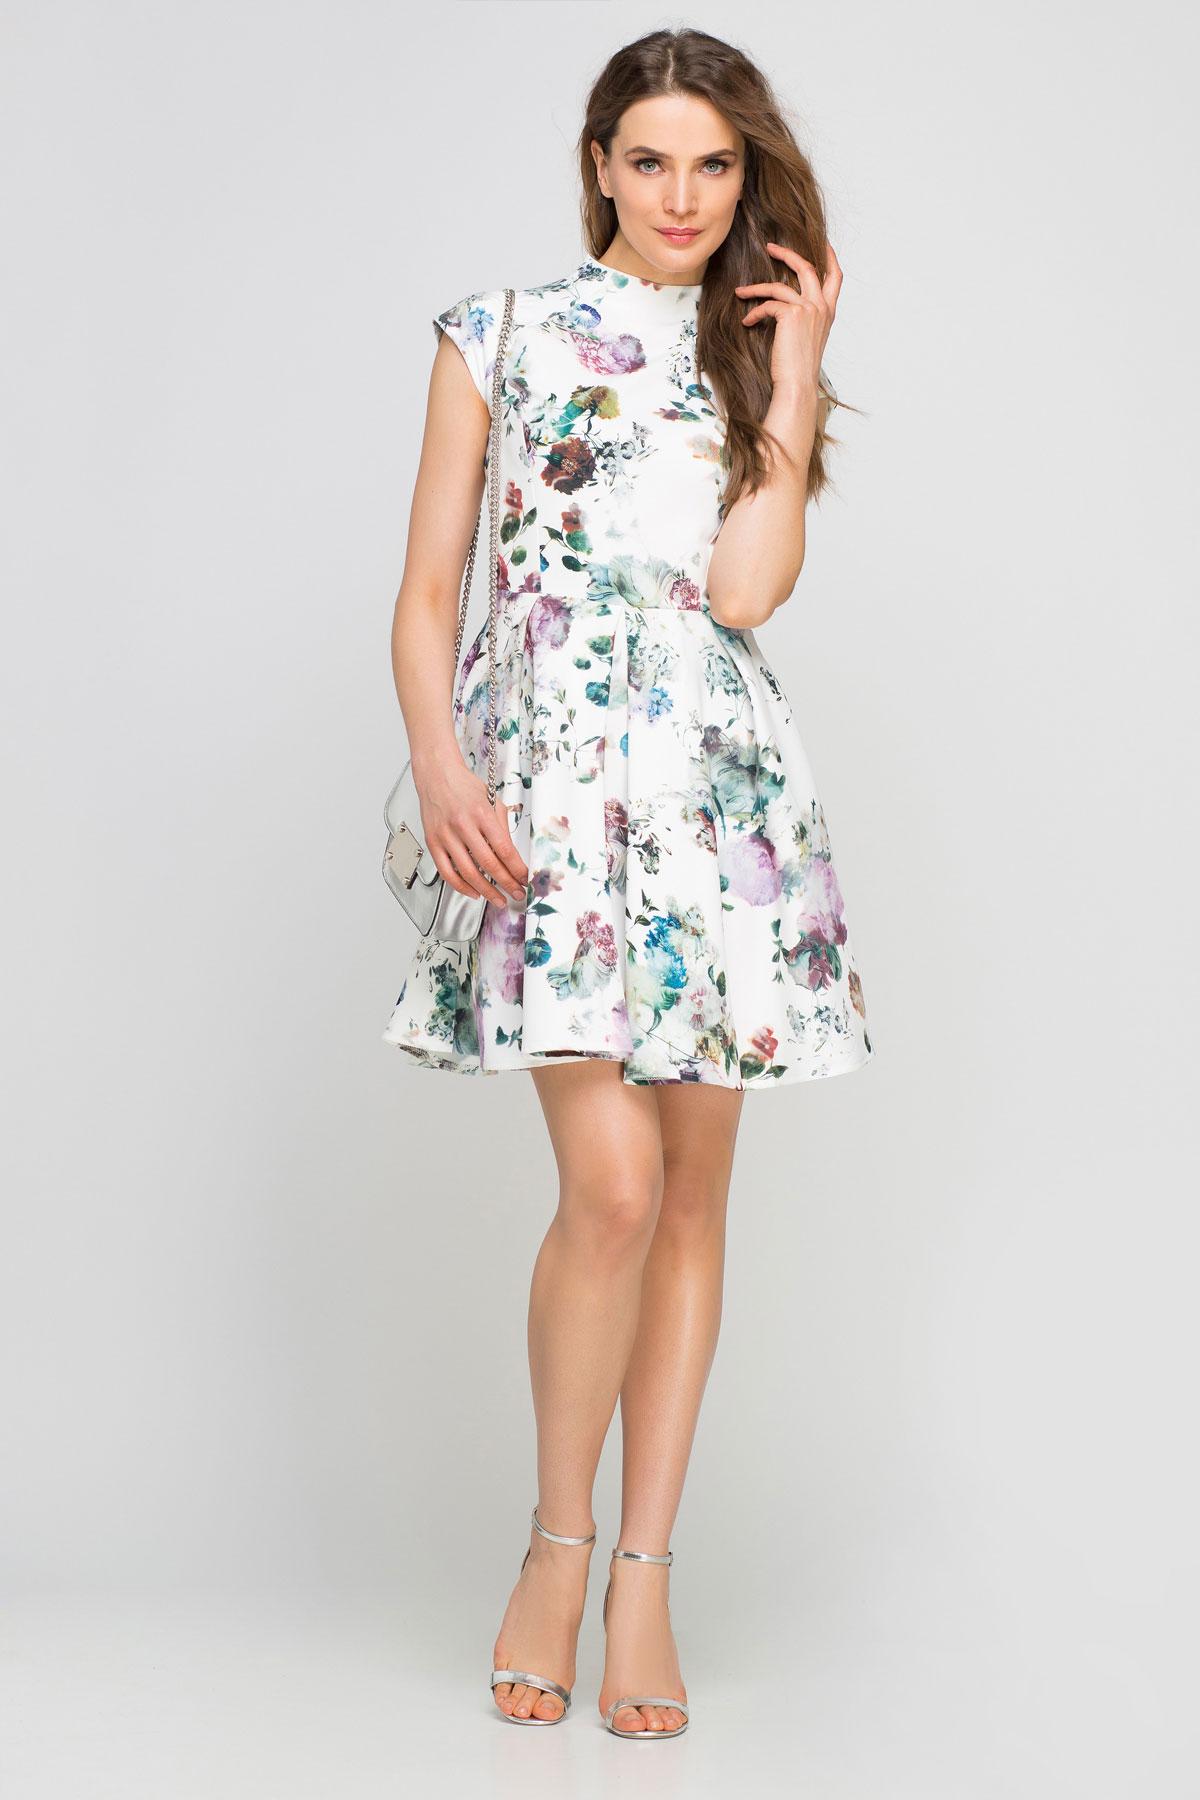 b40164f904e Une jolie robe imprimée égayera votre journée et illuminera votre soirée